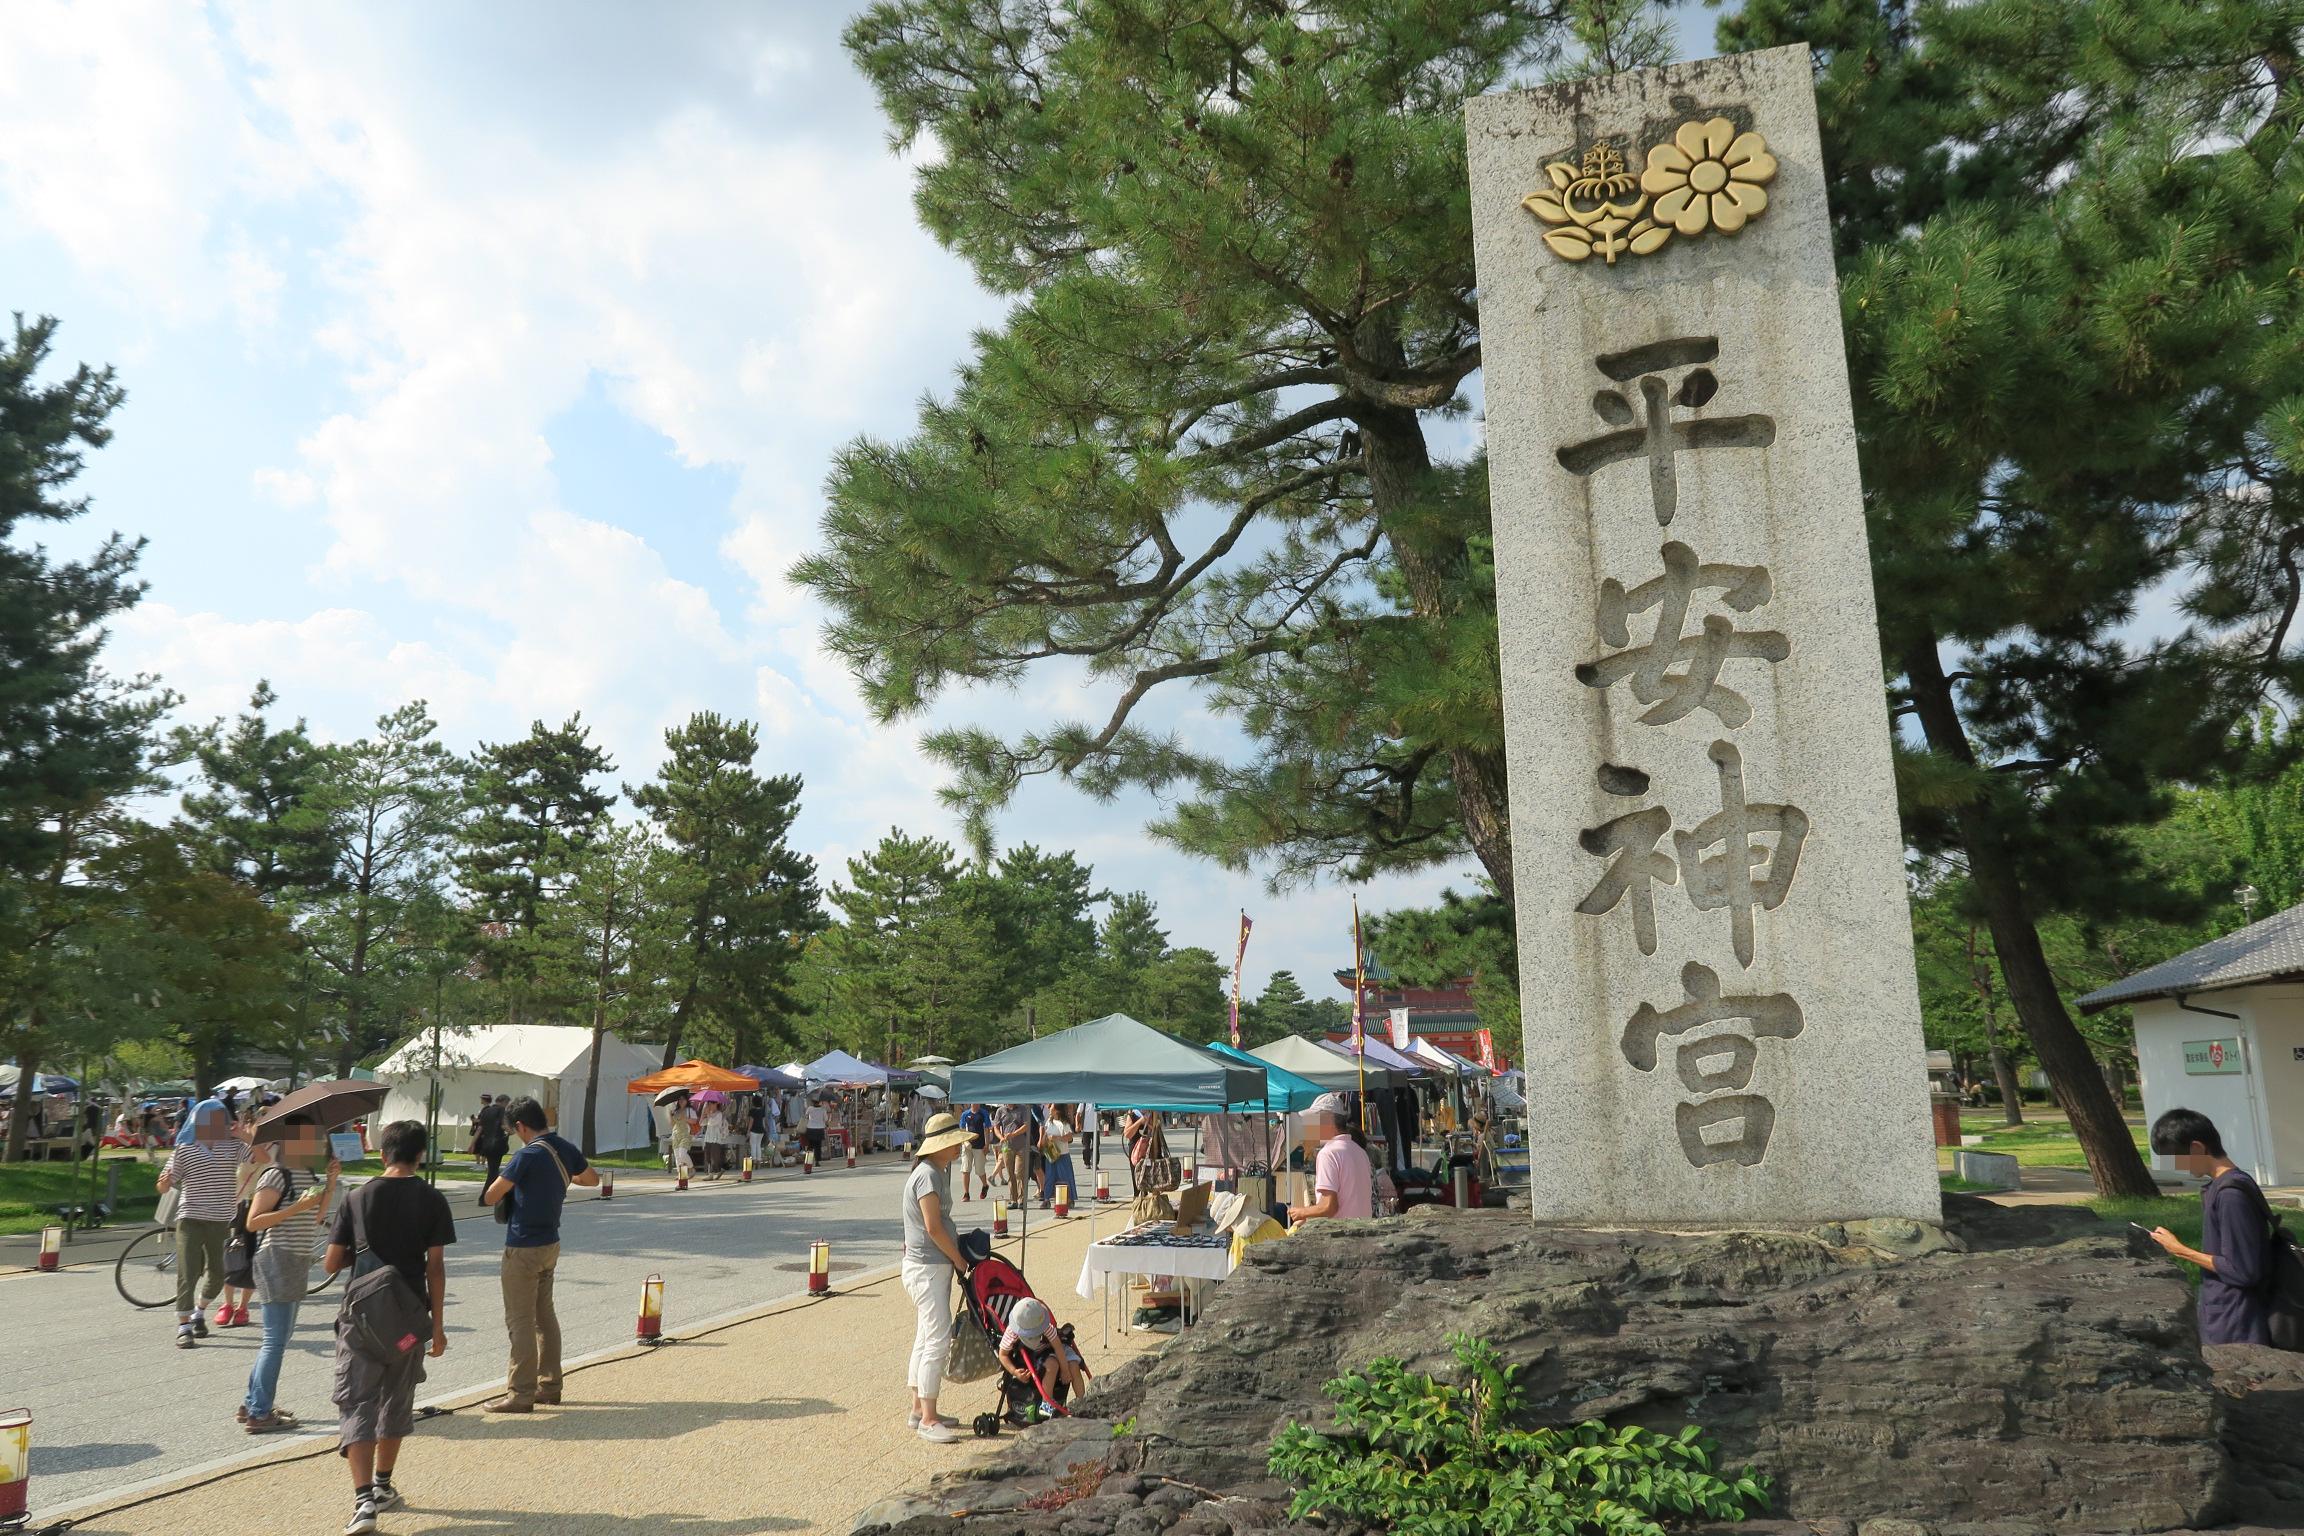 開催場所は、平安神宮の入り口につながる道の脇でした。